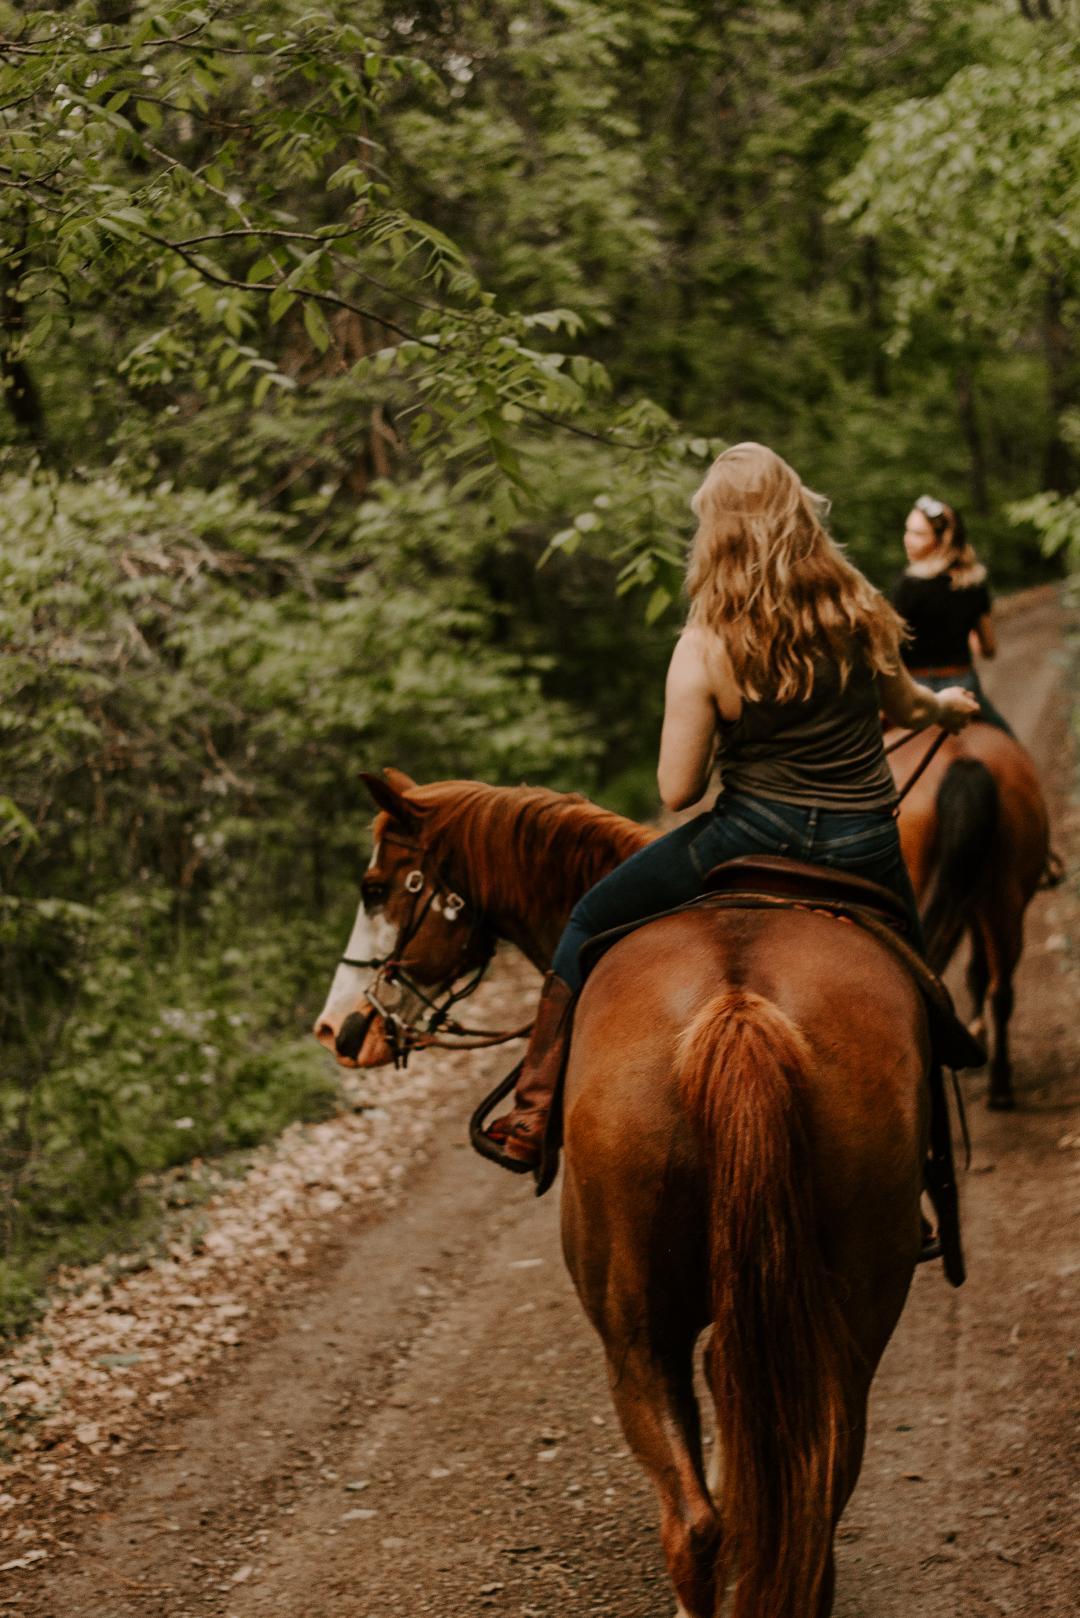 trail photo 1